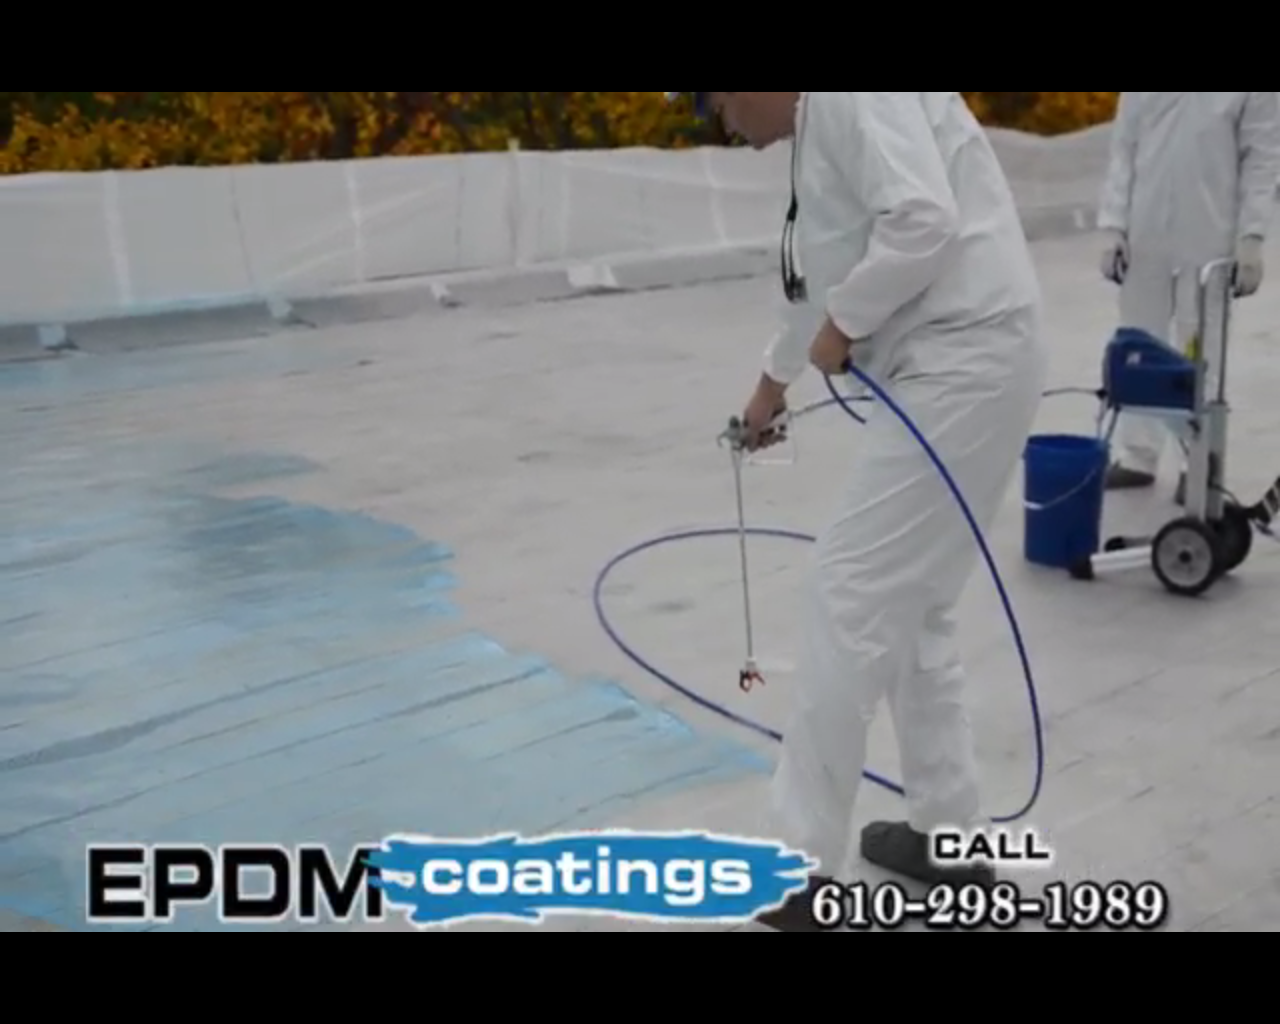 Epdm Coatings Liquid Epdm Rubber Roof Coatings For Roof Leaks Only Liquid Epdm In The World Leaking Roof Roof Leak Repair Elastomeric Roof Coating